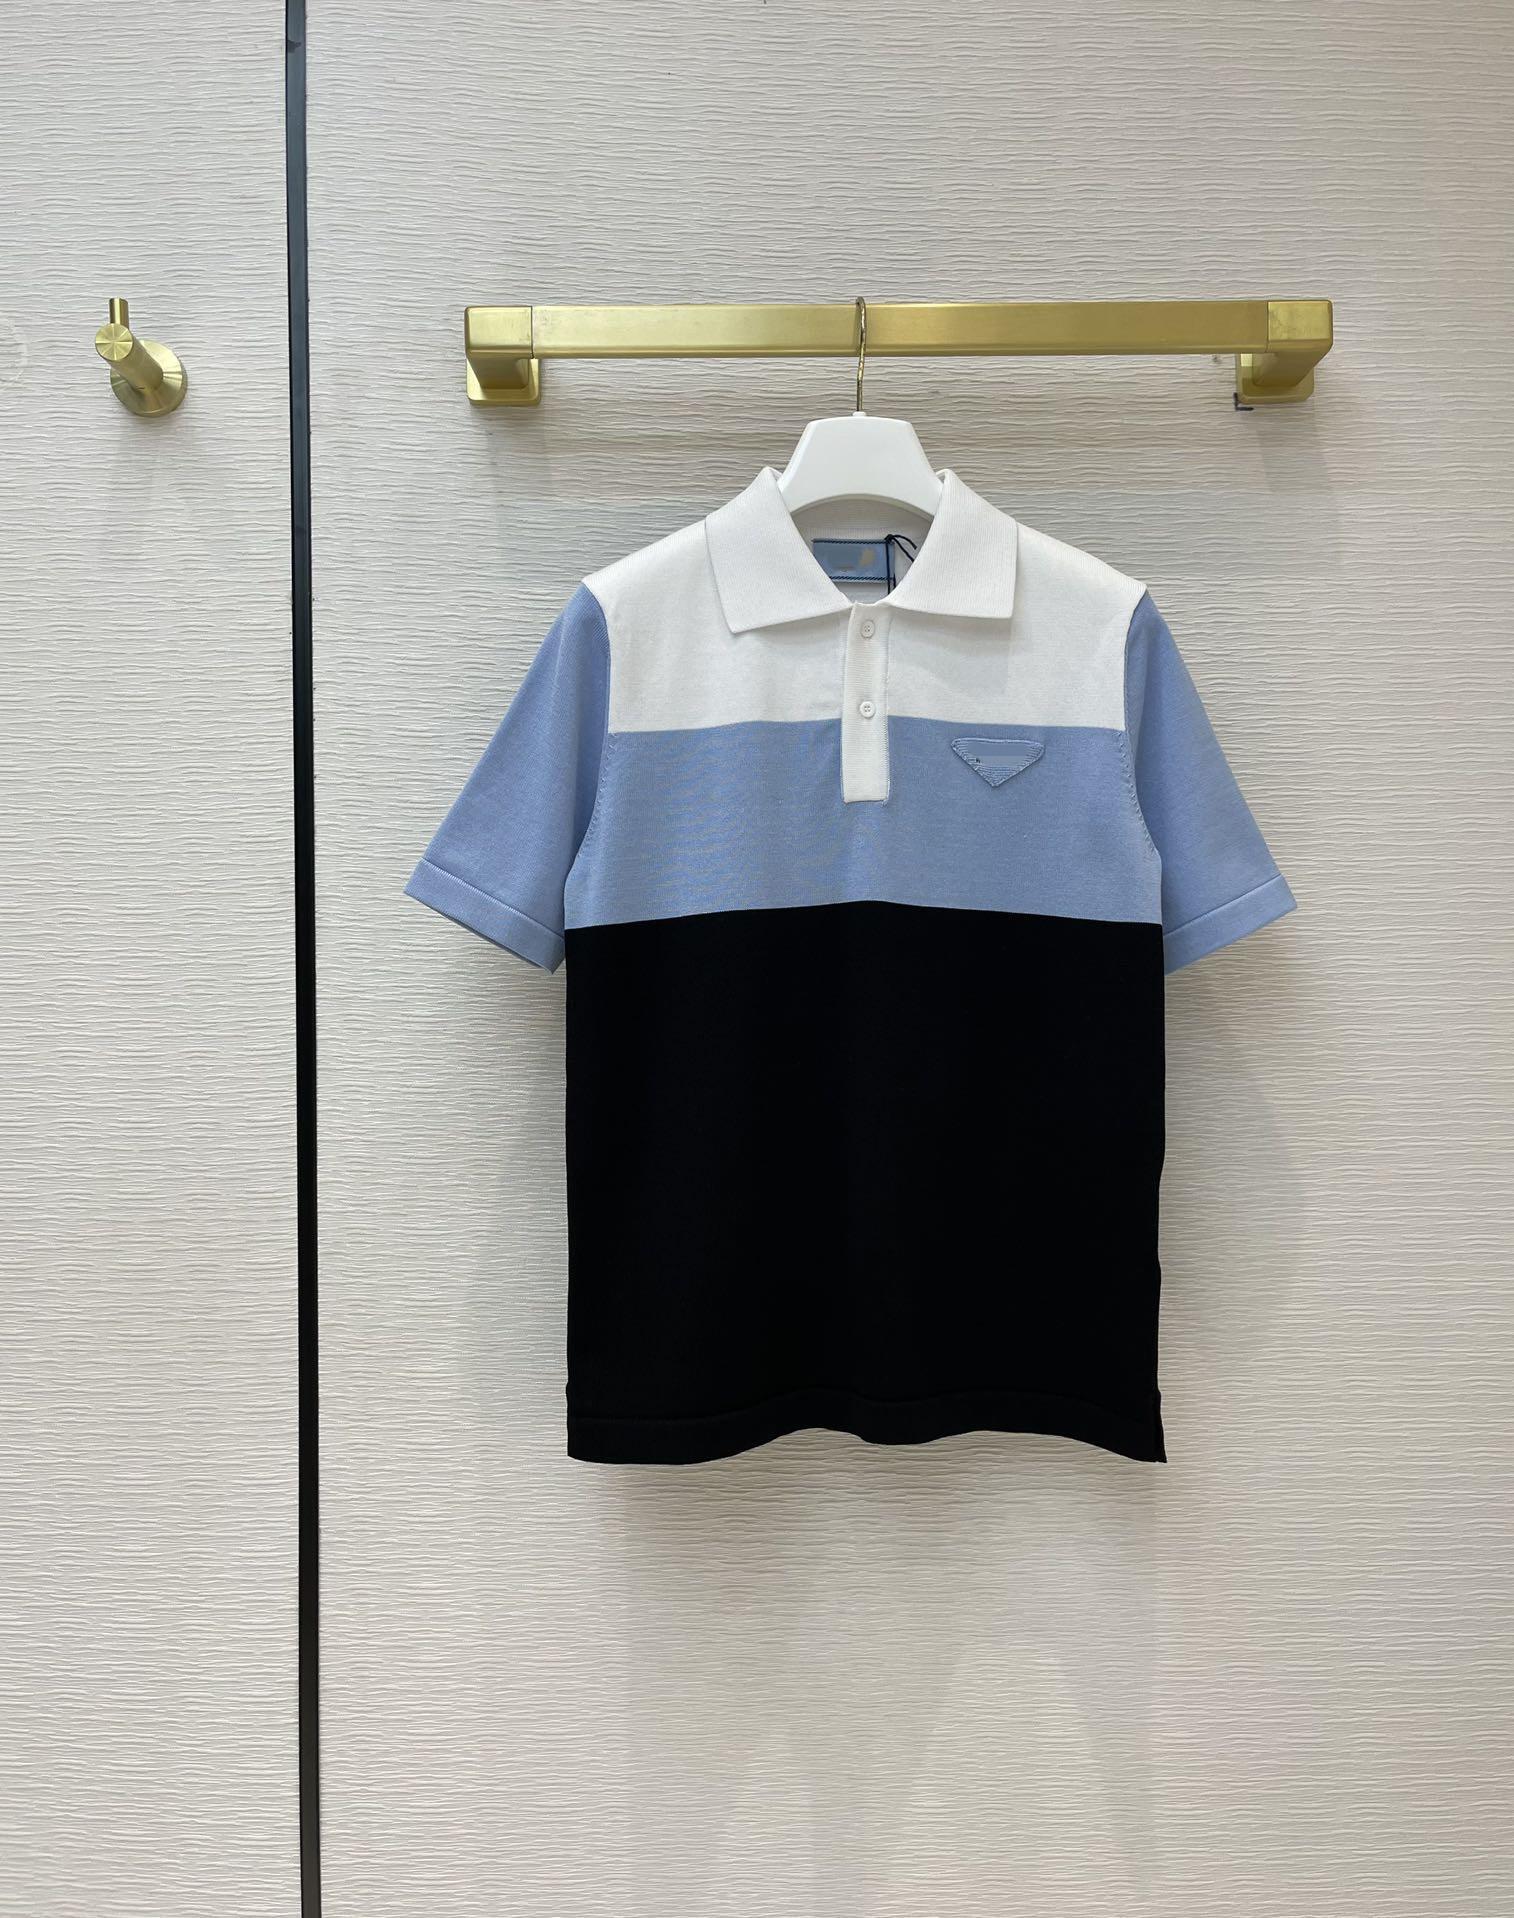 Milan Pist Kazak 2021 Kısa Kollu Lapple Boyun High End Jakarlı Kazaklar Kadın Tasarımcı T-Shirt 0319-3